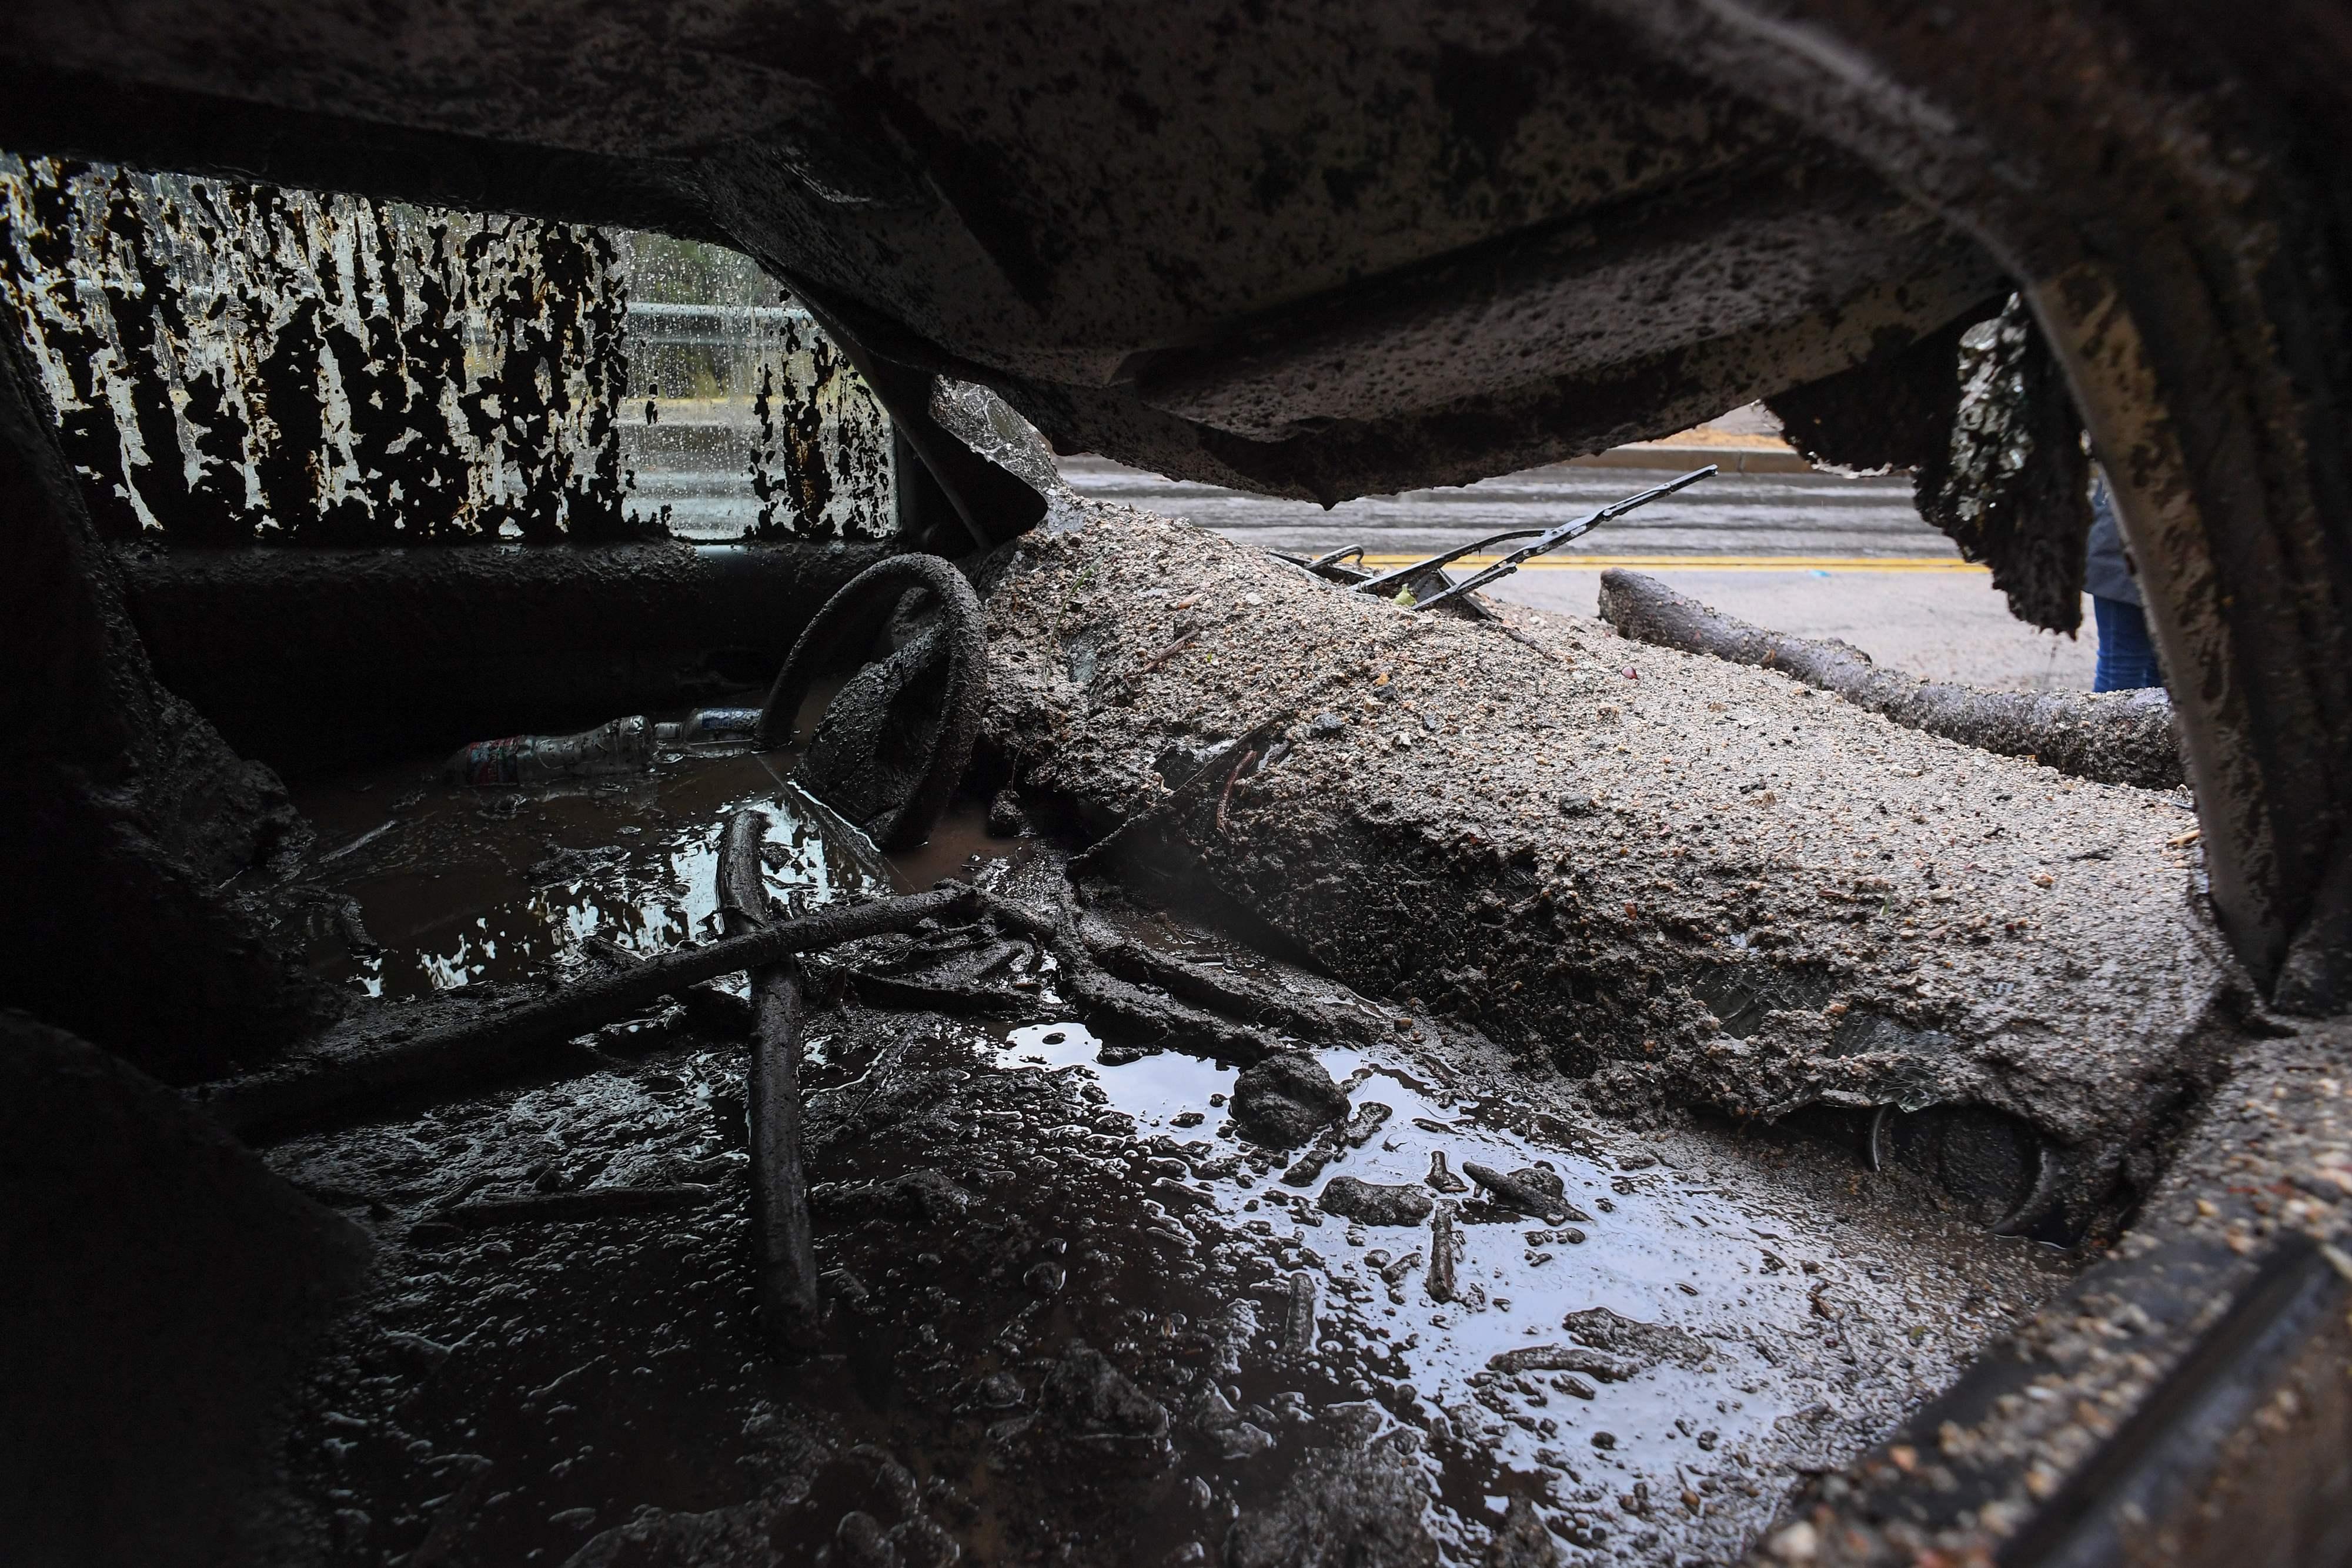 الطين والمياه تدخل سيارة فى كاليفورنيا